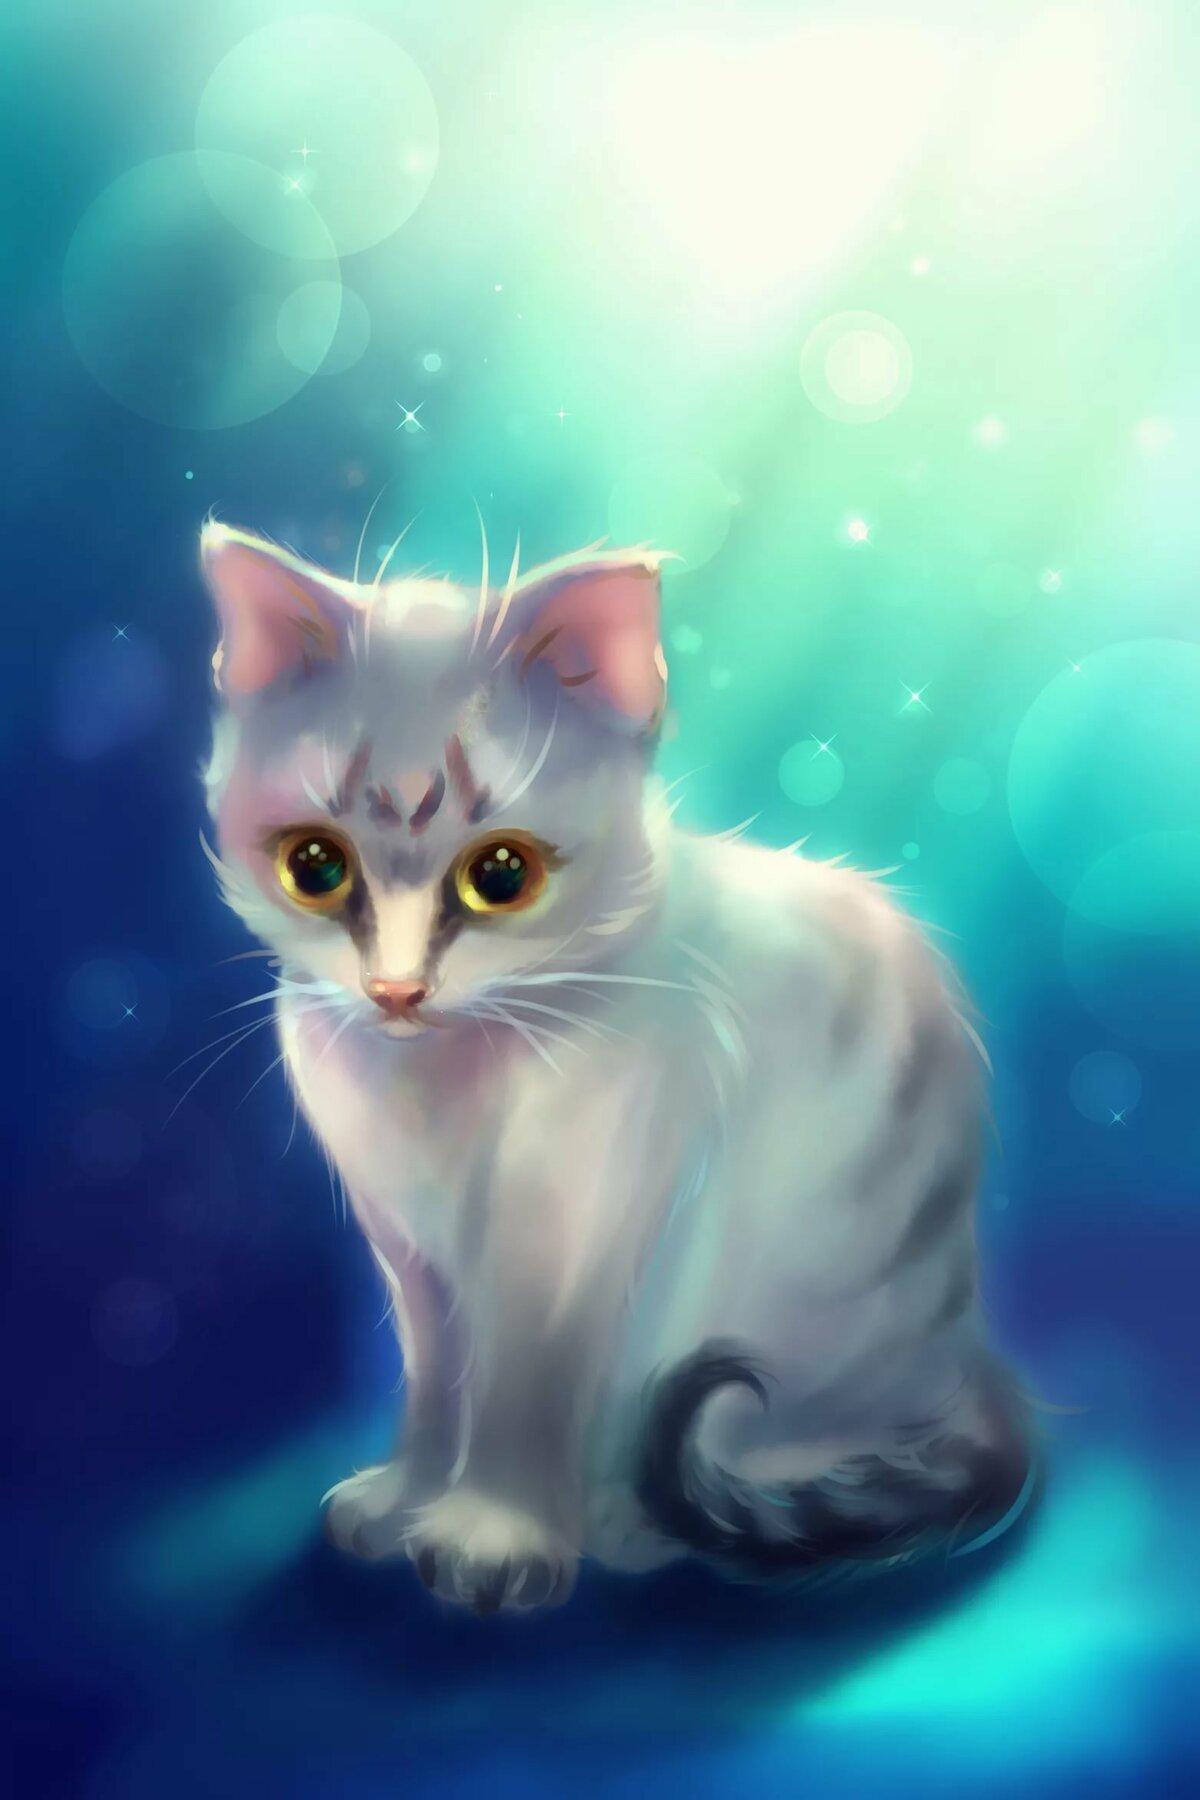 арт картинки с котятами октябре молодоженов родилась